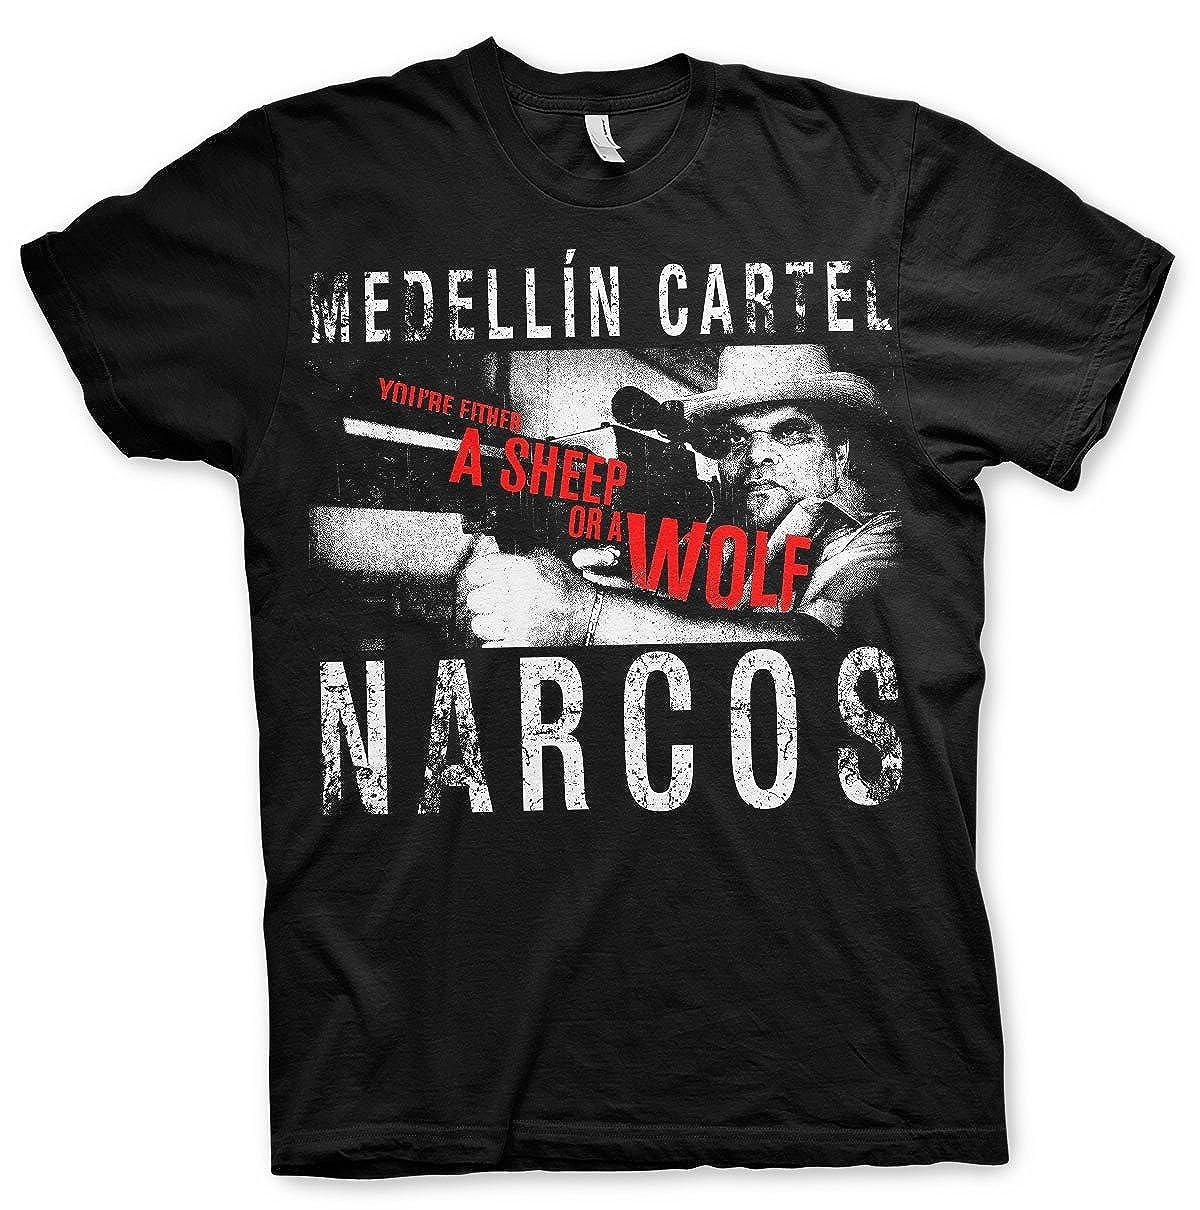 narcos - Medellin Cartel Hombres camiseta de (Black) negro X ...